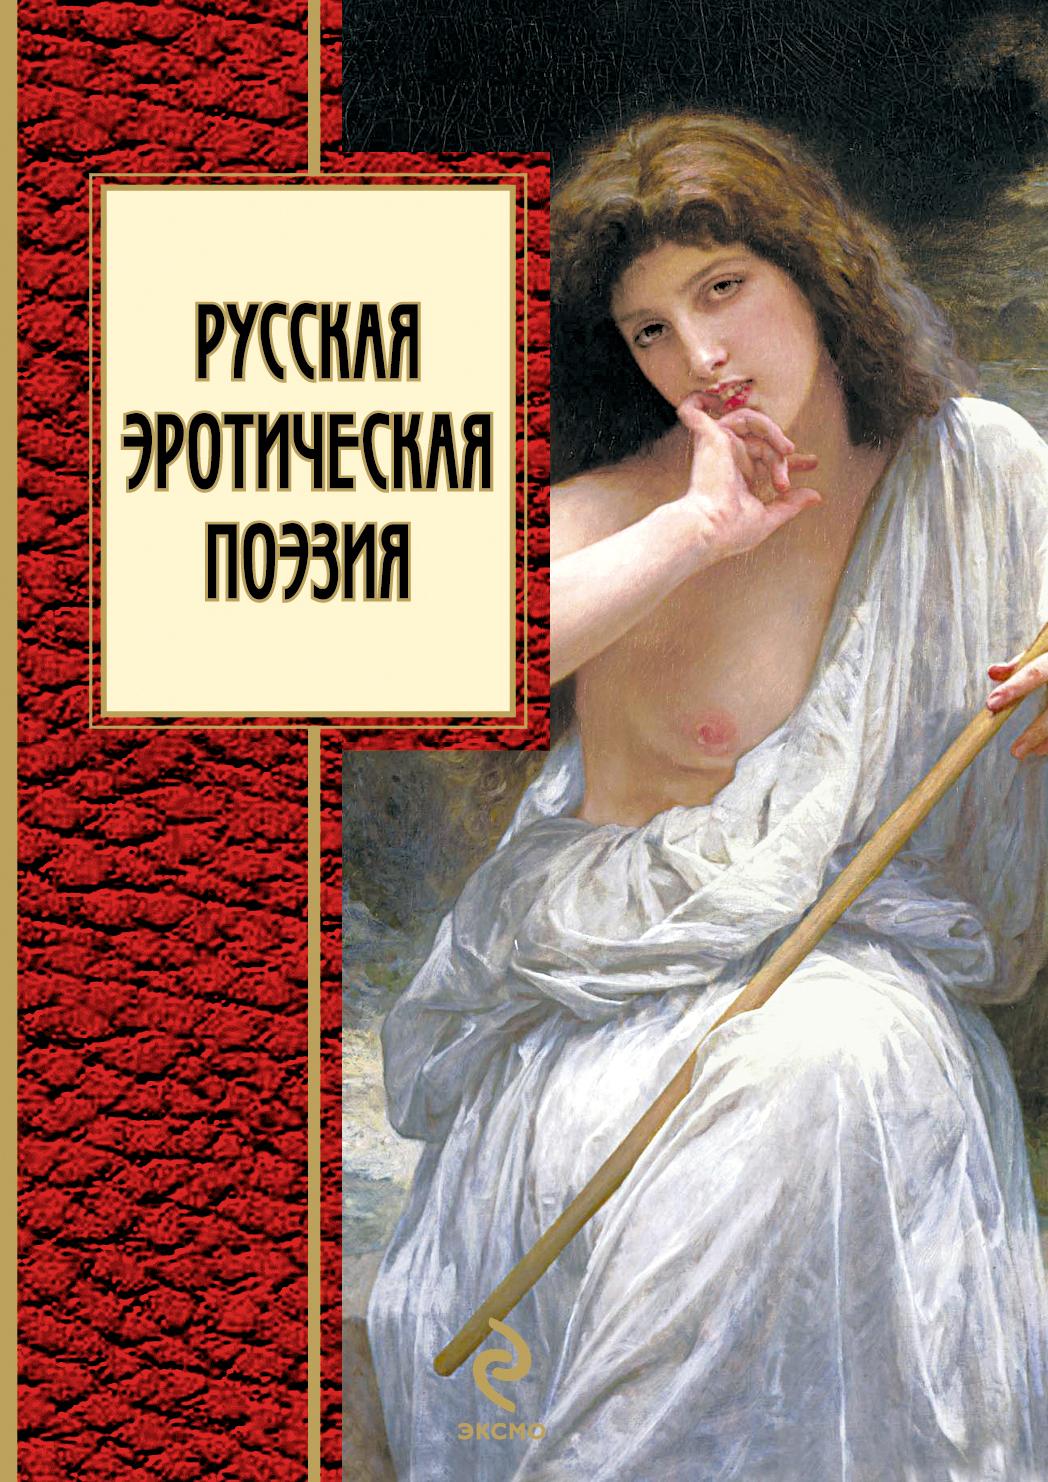 Русская эротическая поэзия 3 фотография